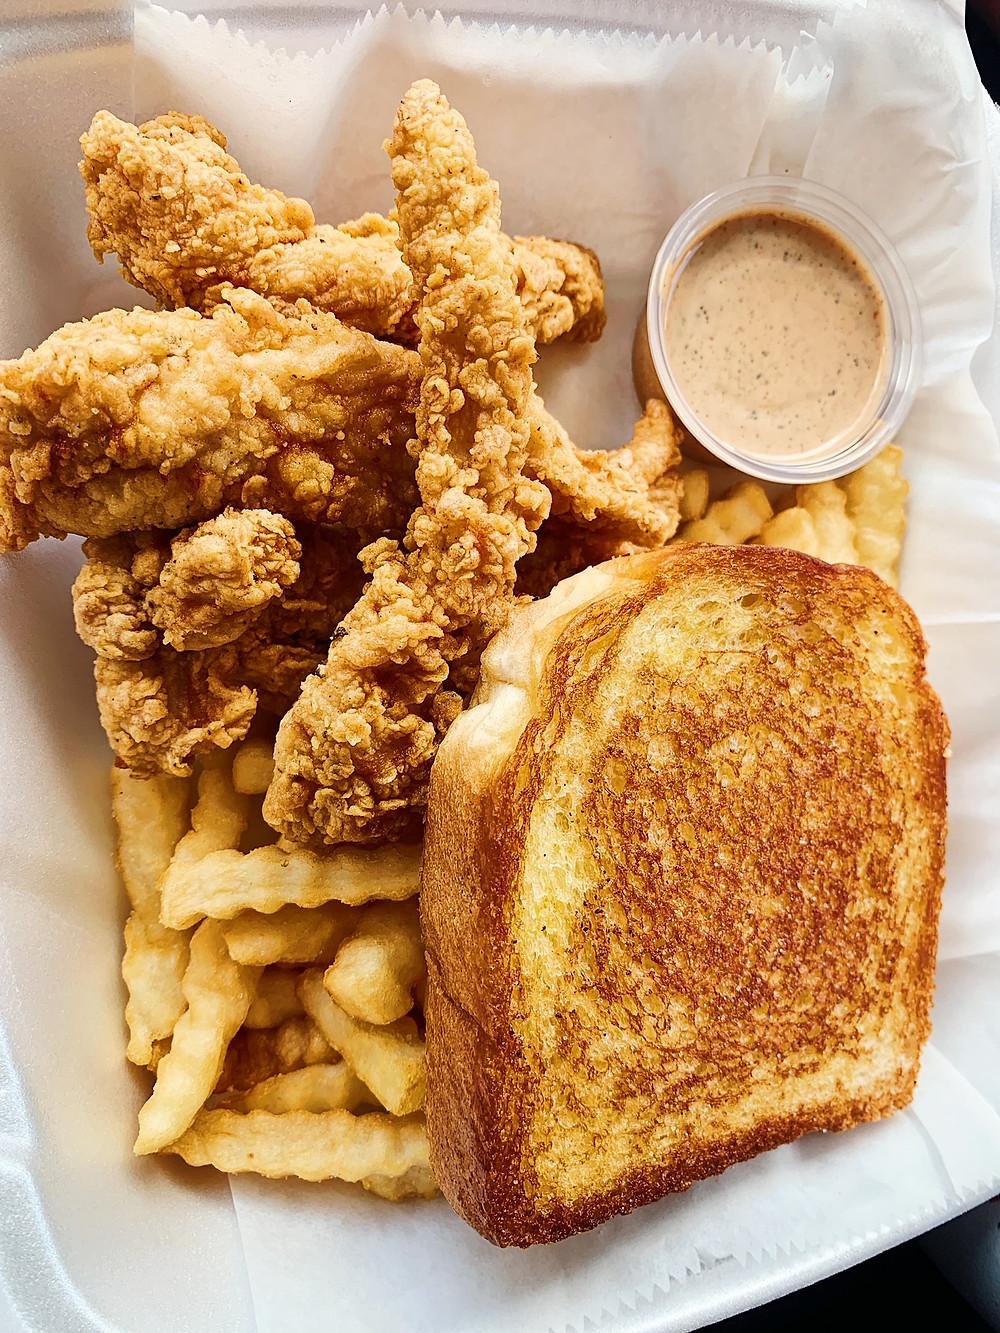 Layne's v. Cane's - Layne's Chicken Finger Meal